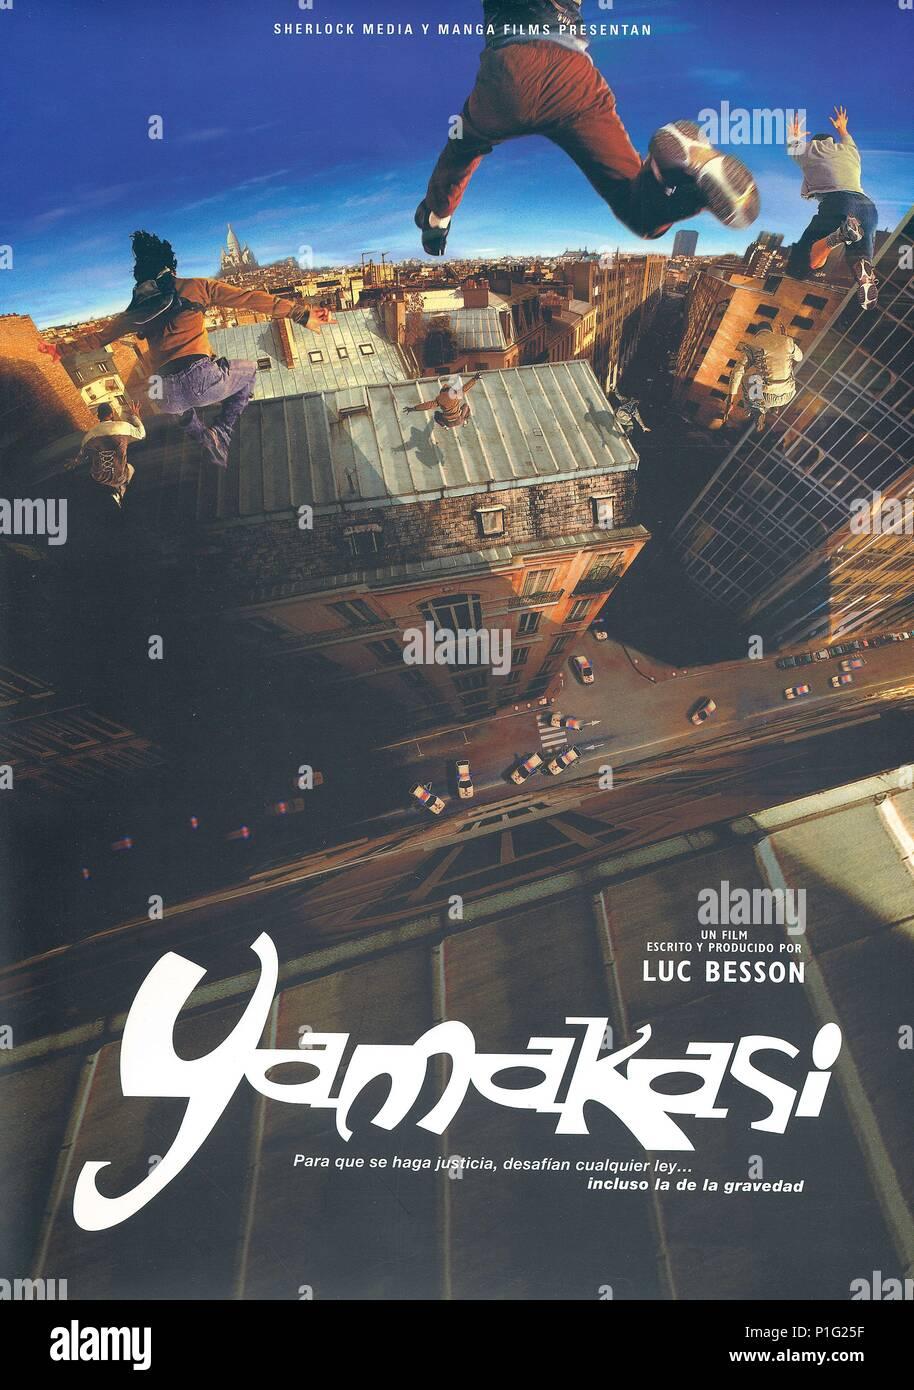 yamakasi full movie free download